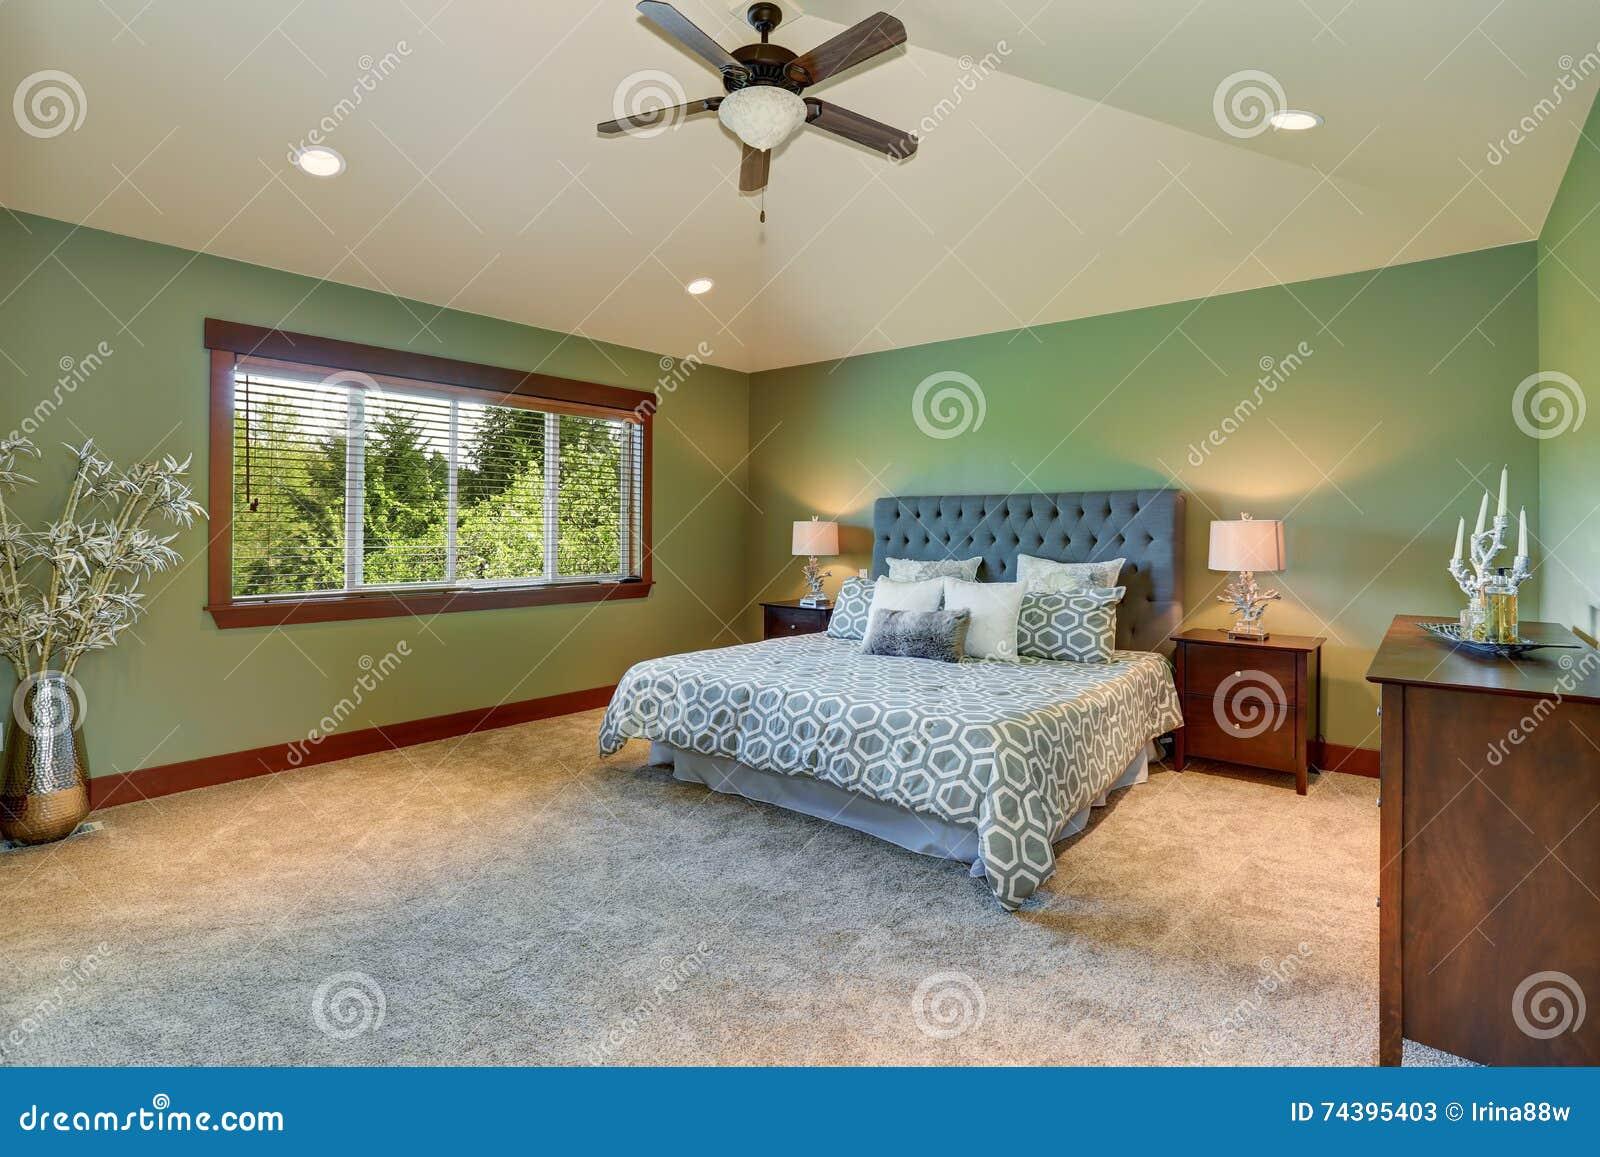 Camera da letto accogliente con il letto blu la testata dei bottoni e le pareti verdi immagine - Colorare pareti camera da letto ...